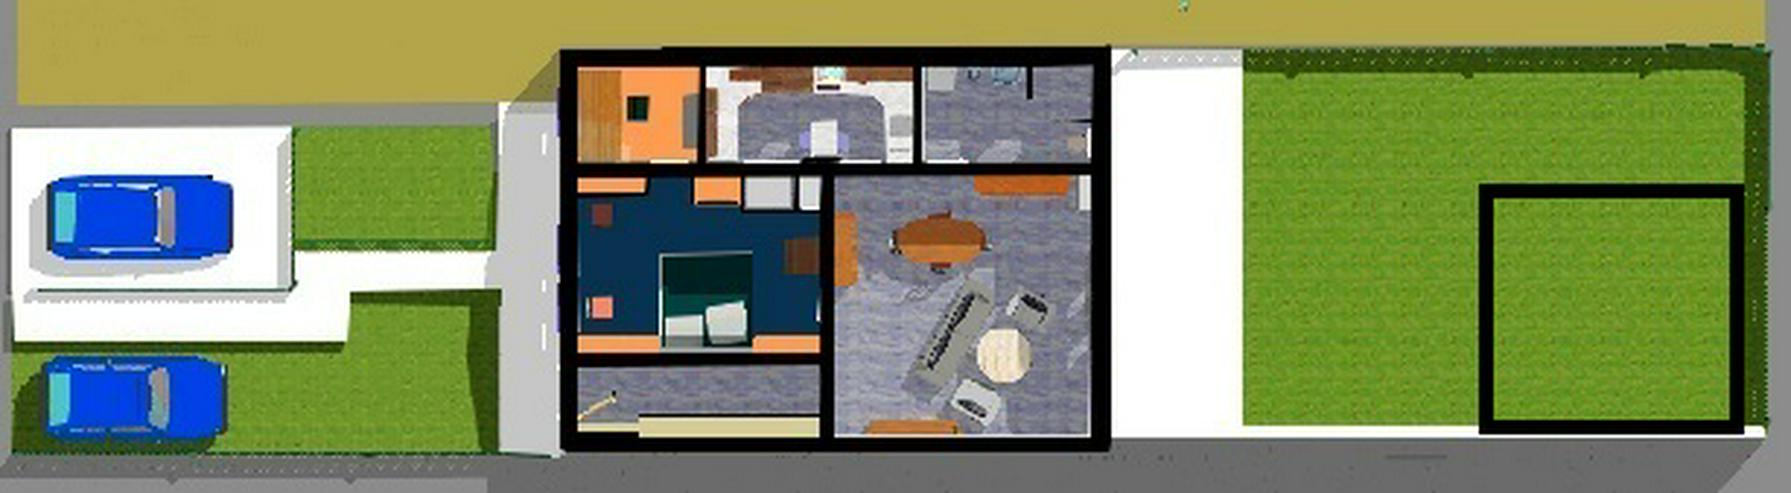 Wohnungseigentum mit Grundstück oder Zweifamilienhaus